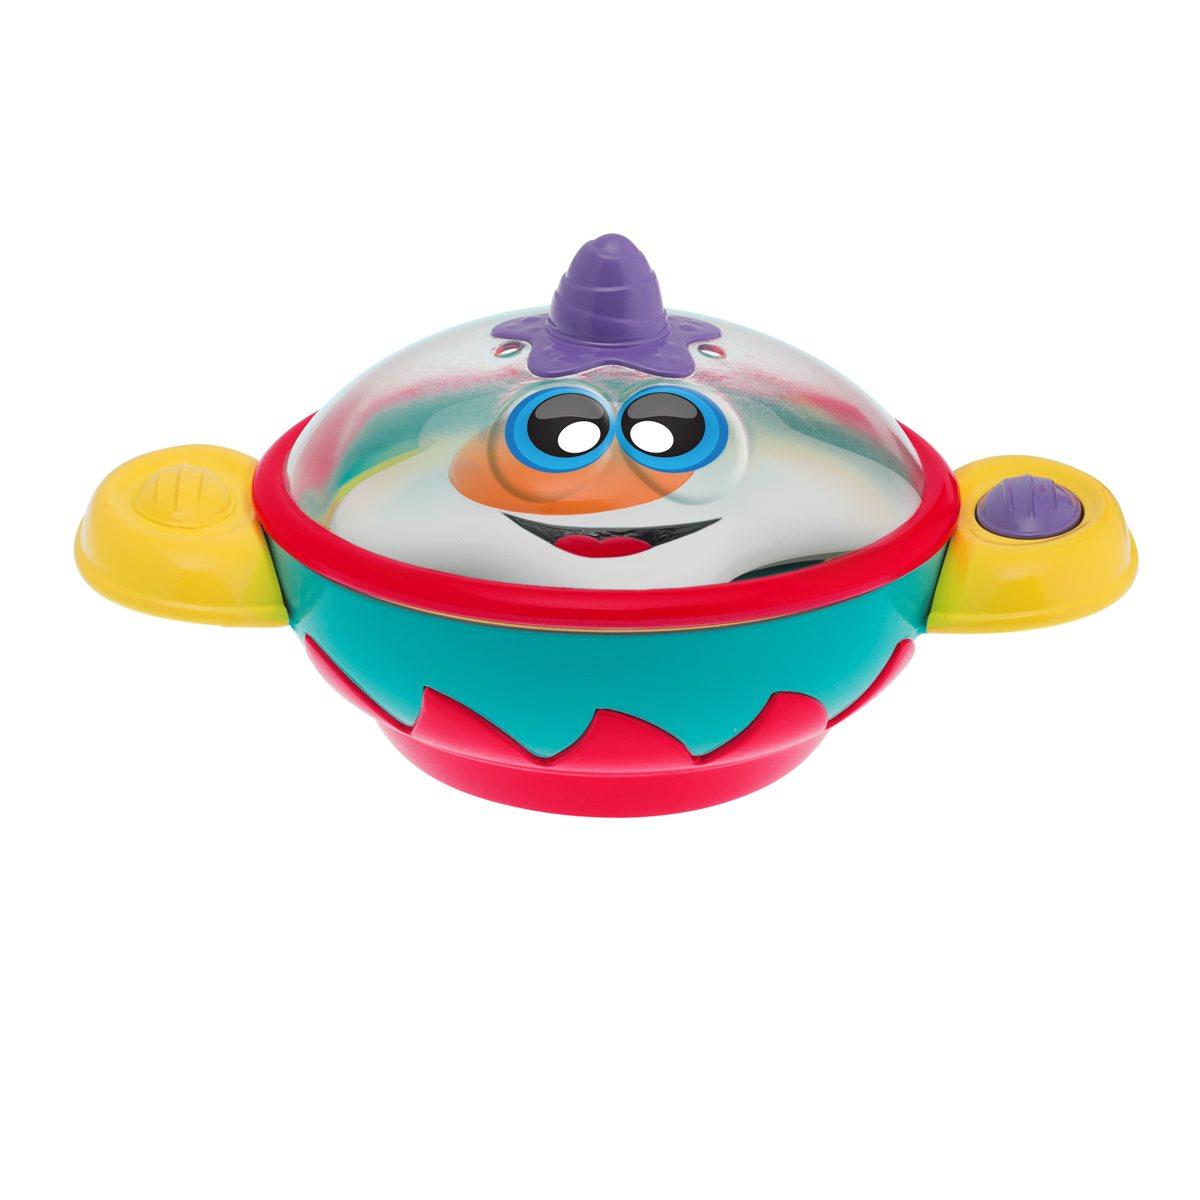 Chicco Музыкальная игрушка Кастрюлька музыкальная подвеска на кроватку chicco чико спокойной ночи цвет розовый